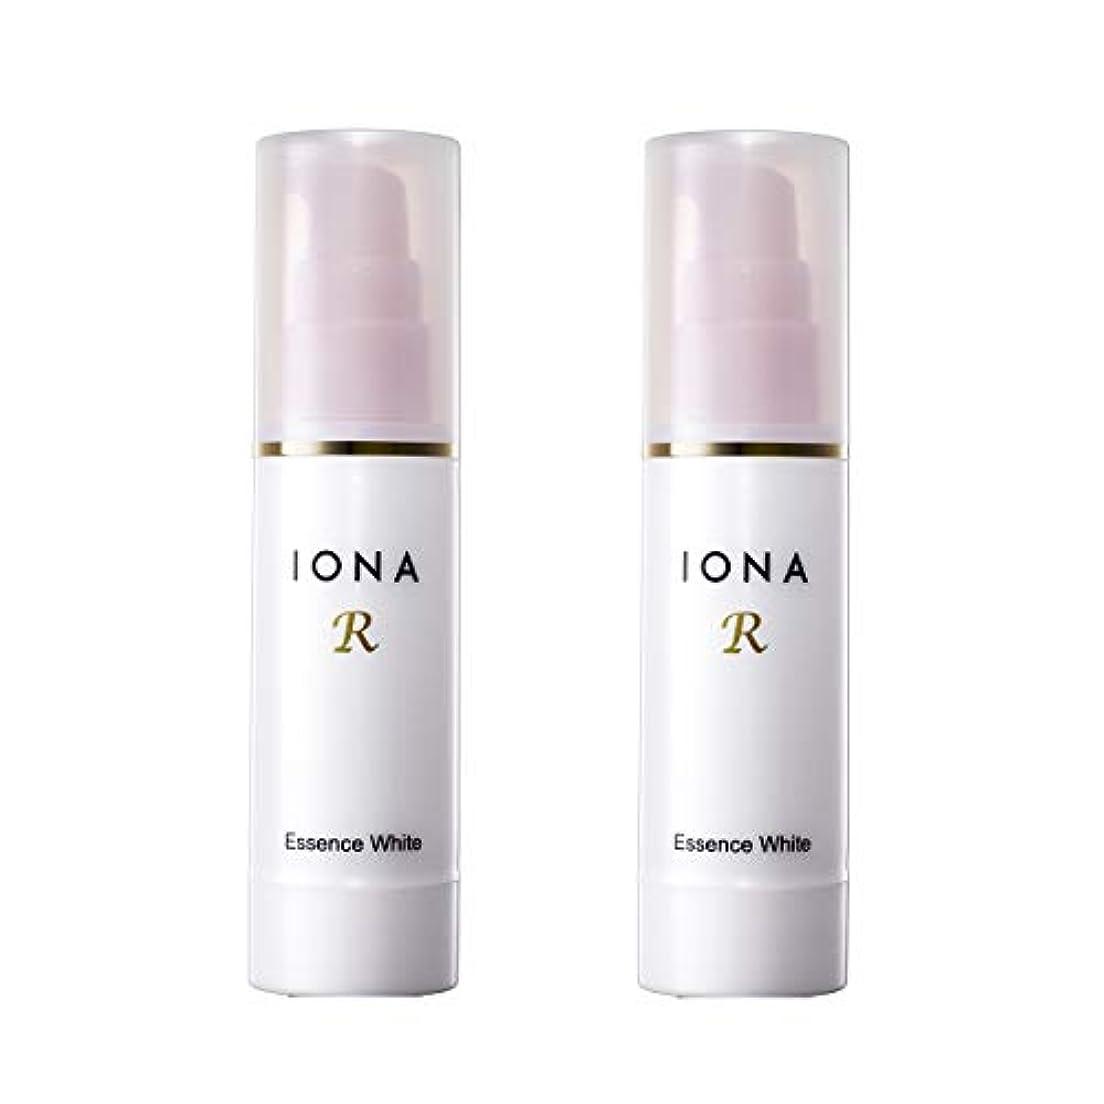 普通の歴史家ボールイオナR エッセンスホワイト 美容液 2個セット 【通常価格より20%OFF】高機能ビタミンC配合美容液 IONA R イオナアール イオナのビタミンC